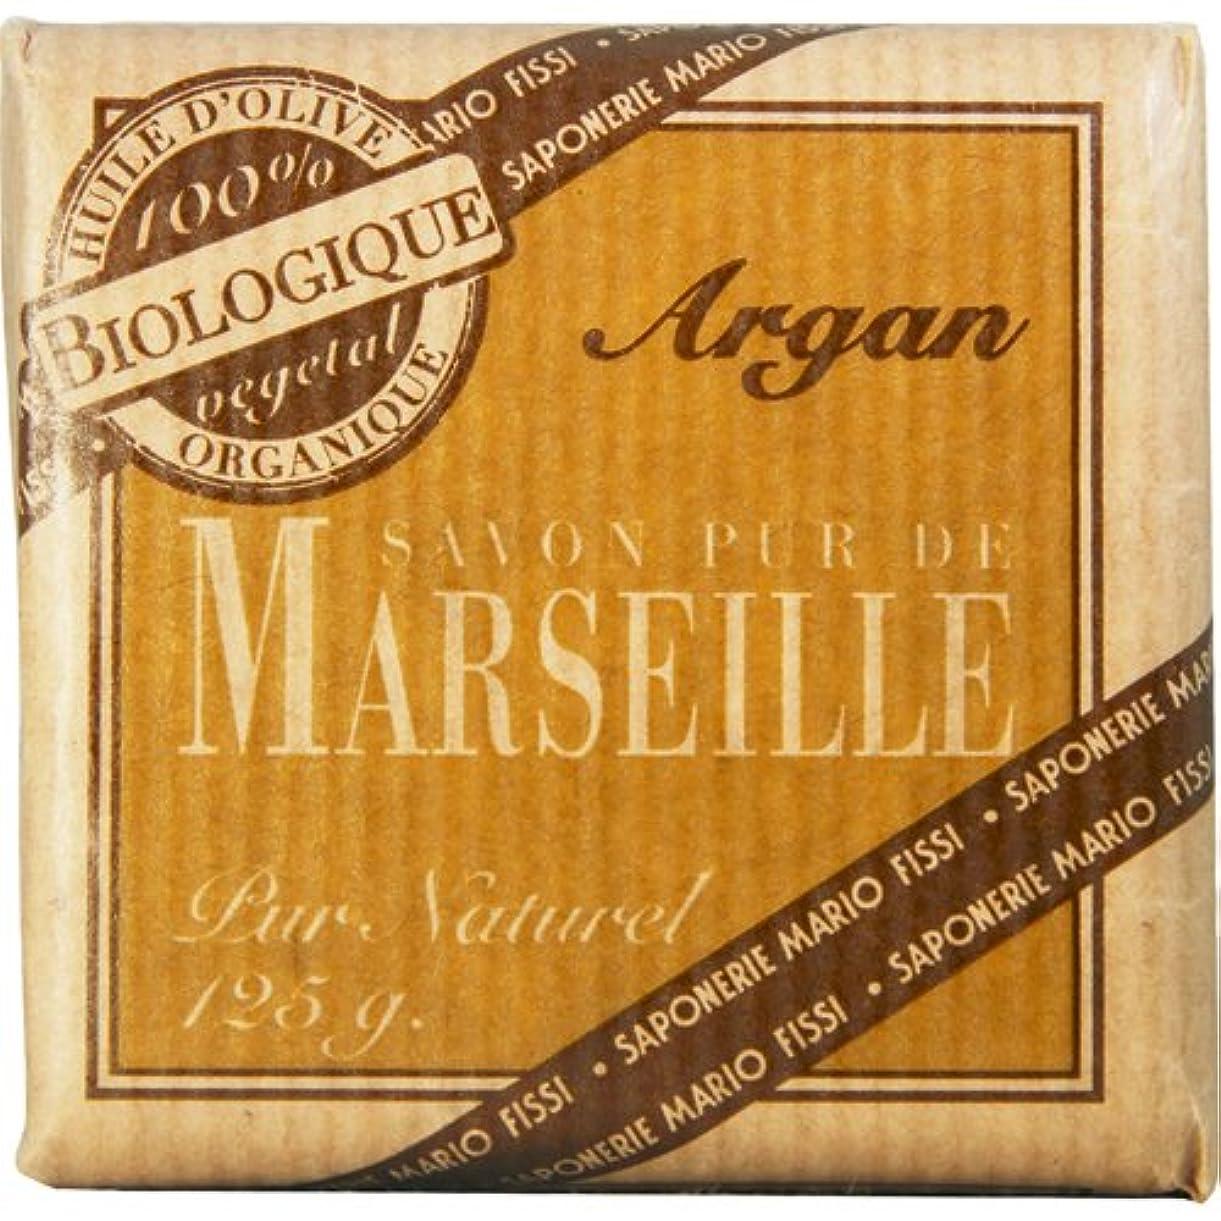 食事を調理する辛なモニターSaponerire Fissi マルセイユシリーズ マルセイユソープ 125g Argan アルガン